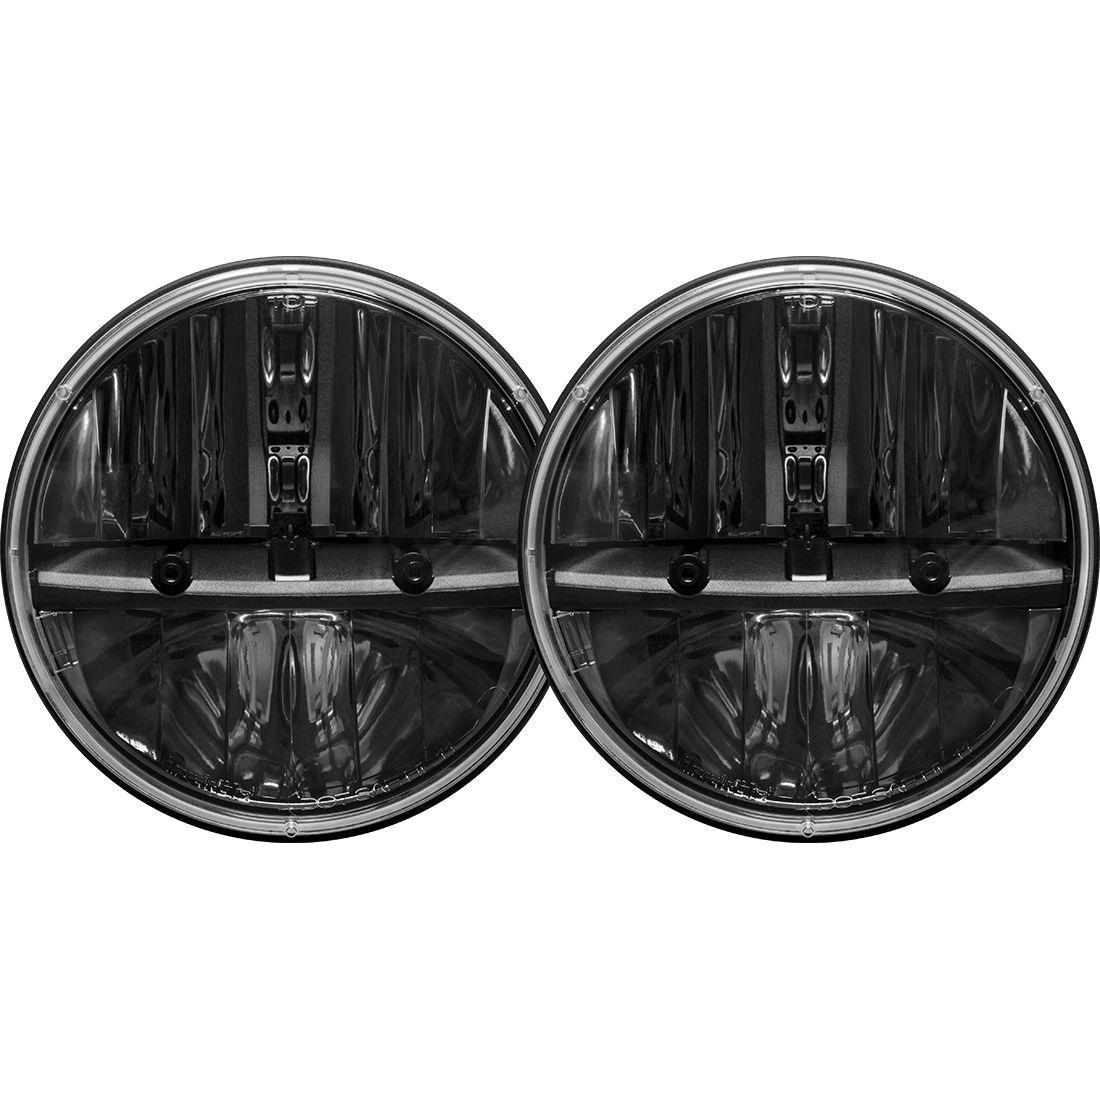 Rigid Industries Truck-Lite Series Round Headlights 7in - JK